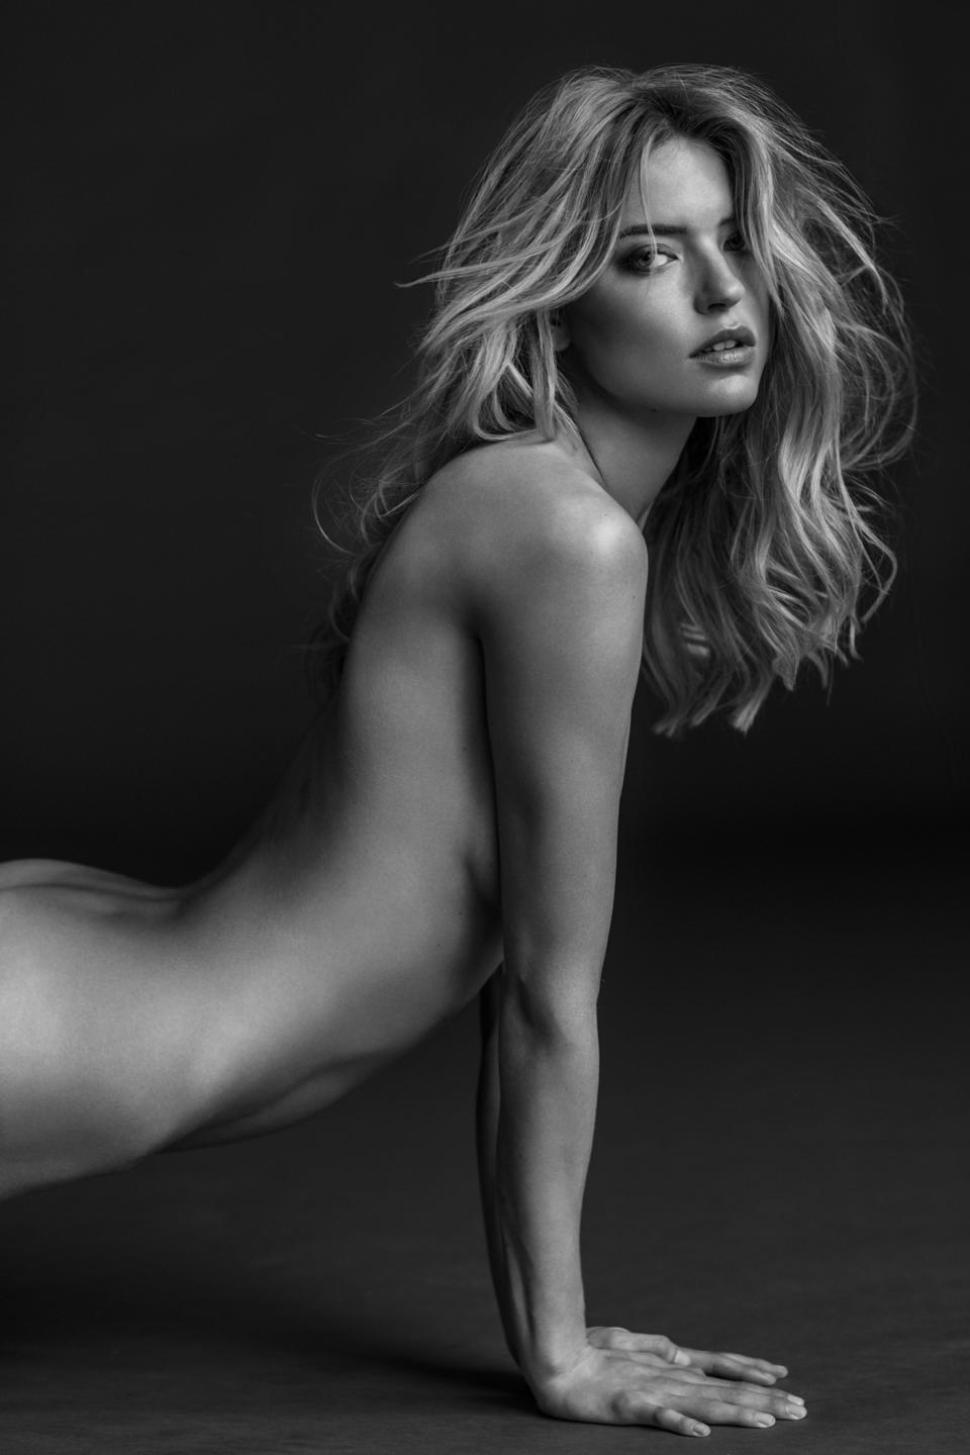 Beautiful jacie nude photograph site web